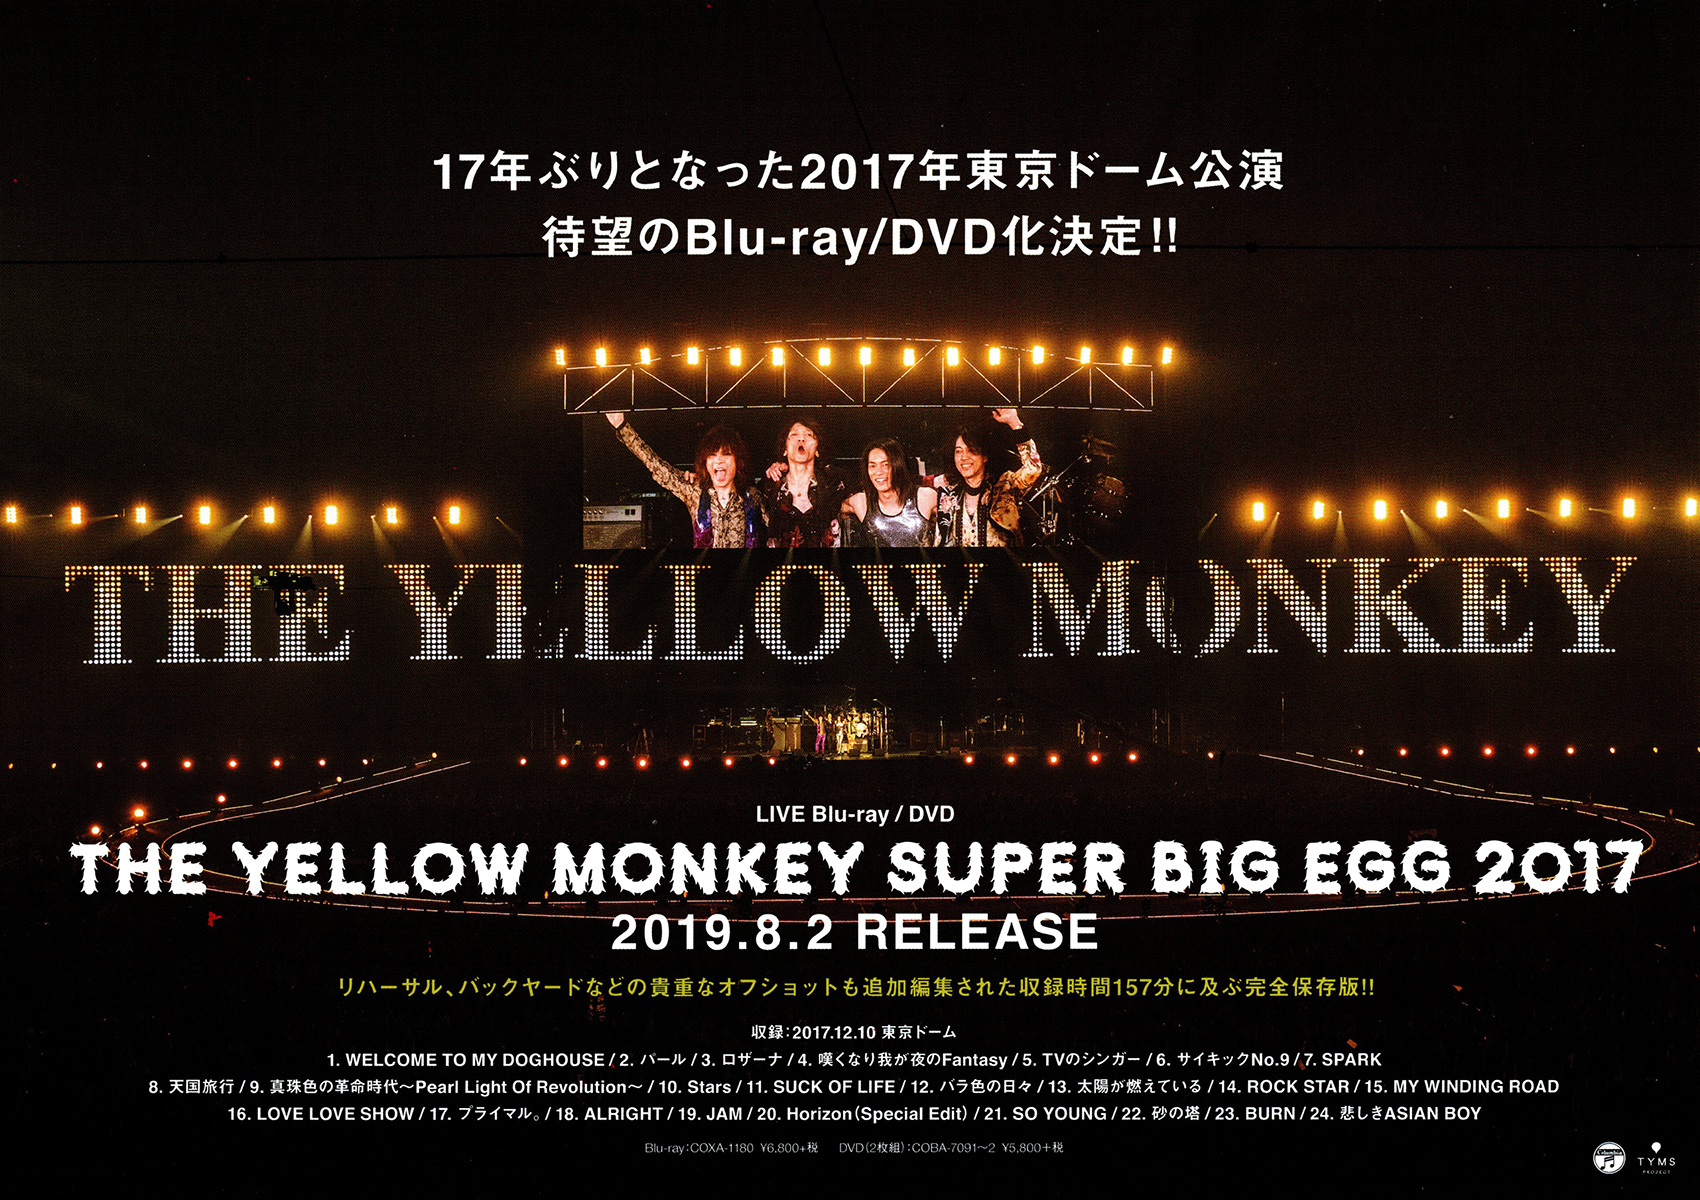 190826_2017_tokyo-dome_dvd.jpg